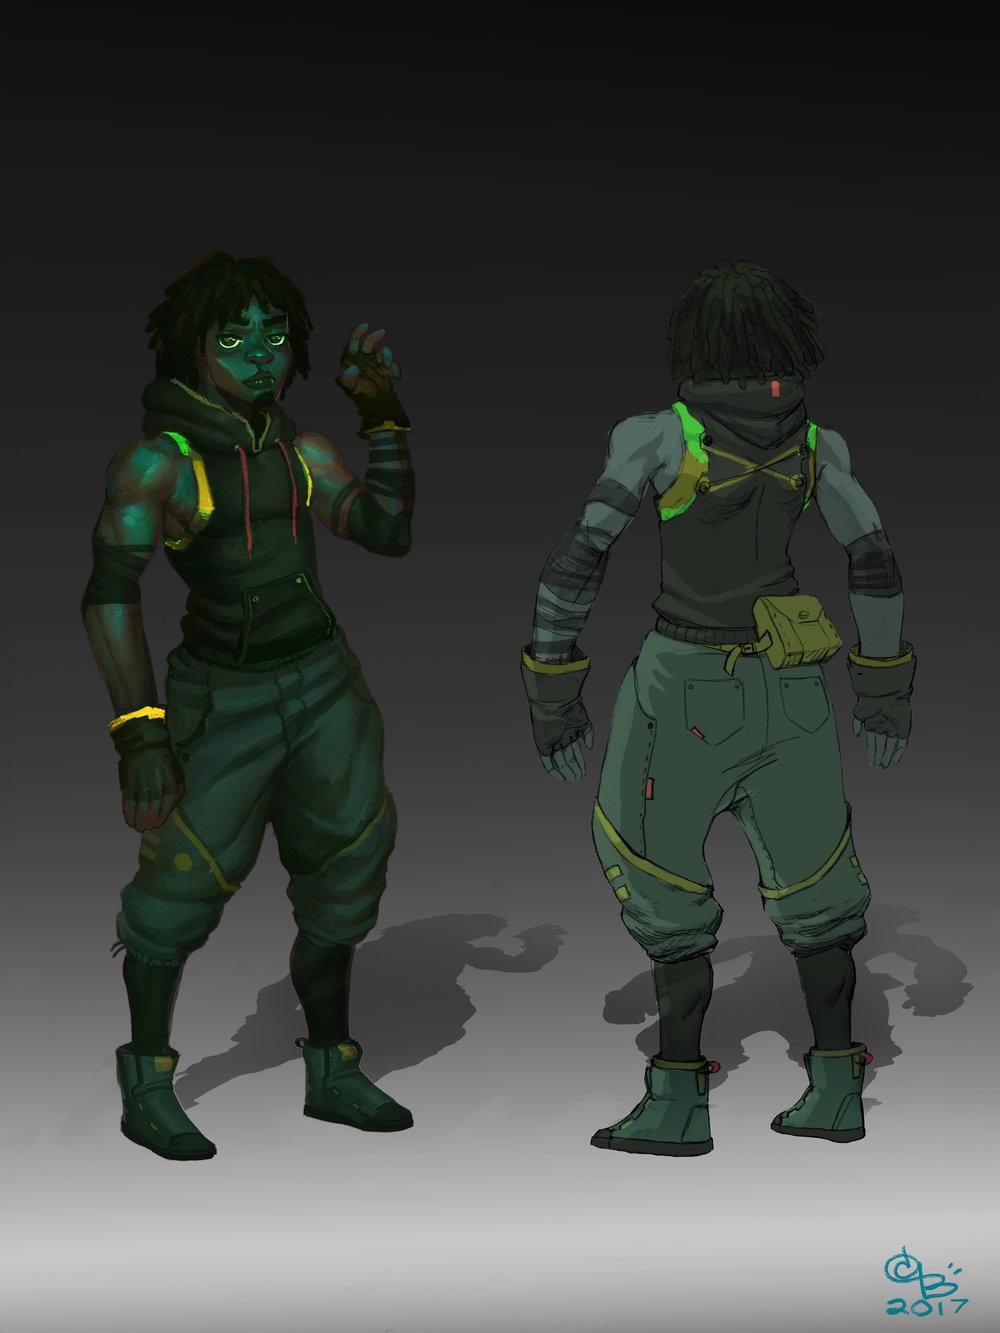 character design final_001.jpg